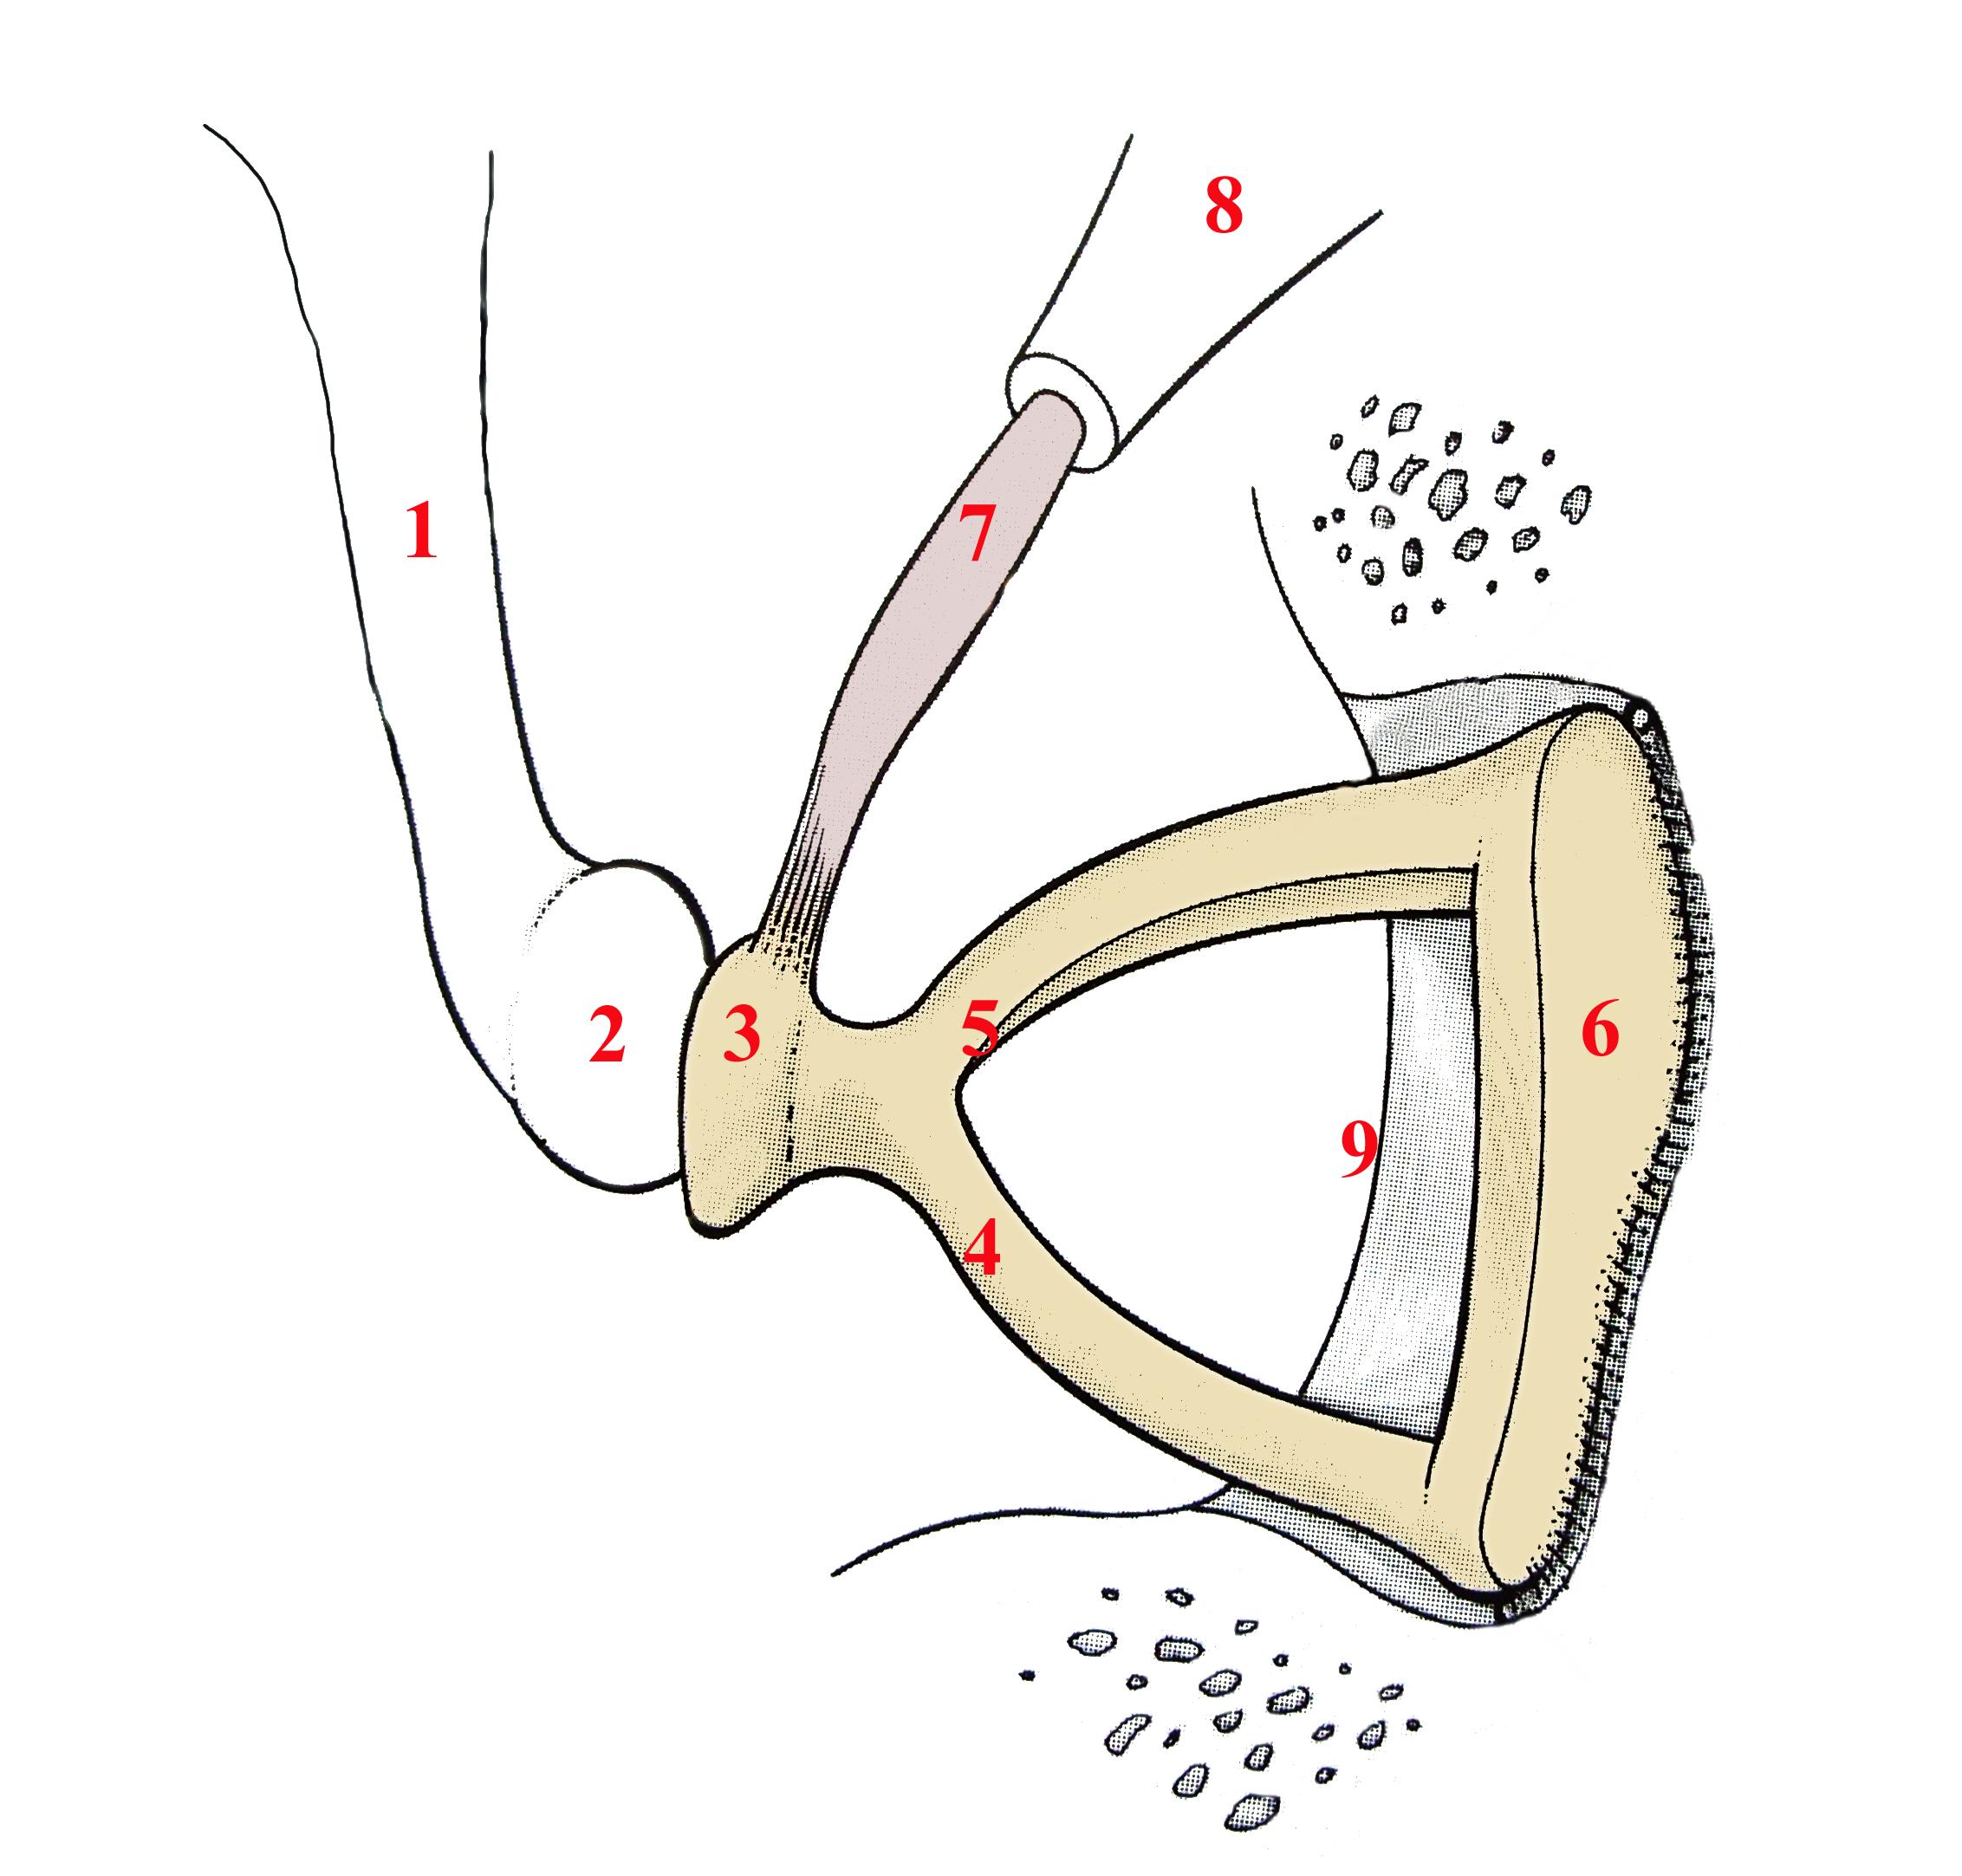 Stapedectomy